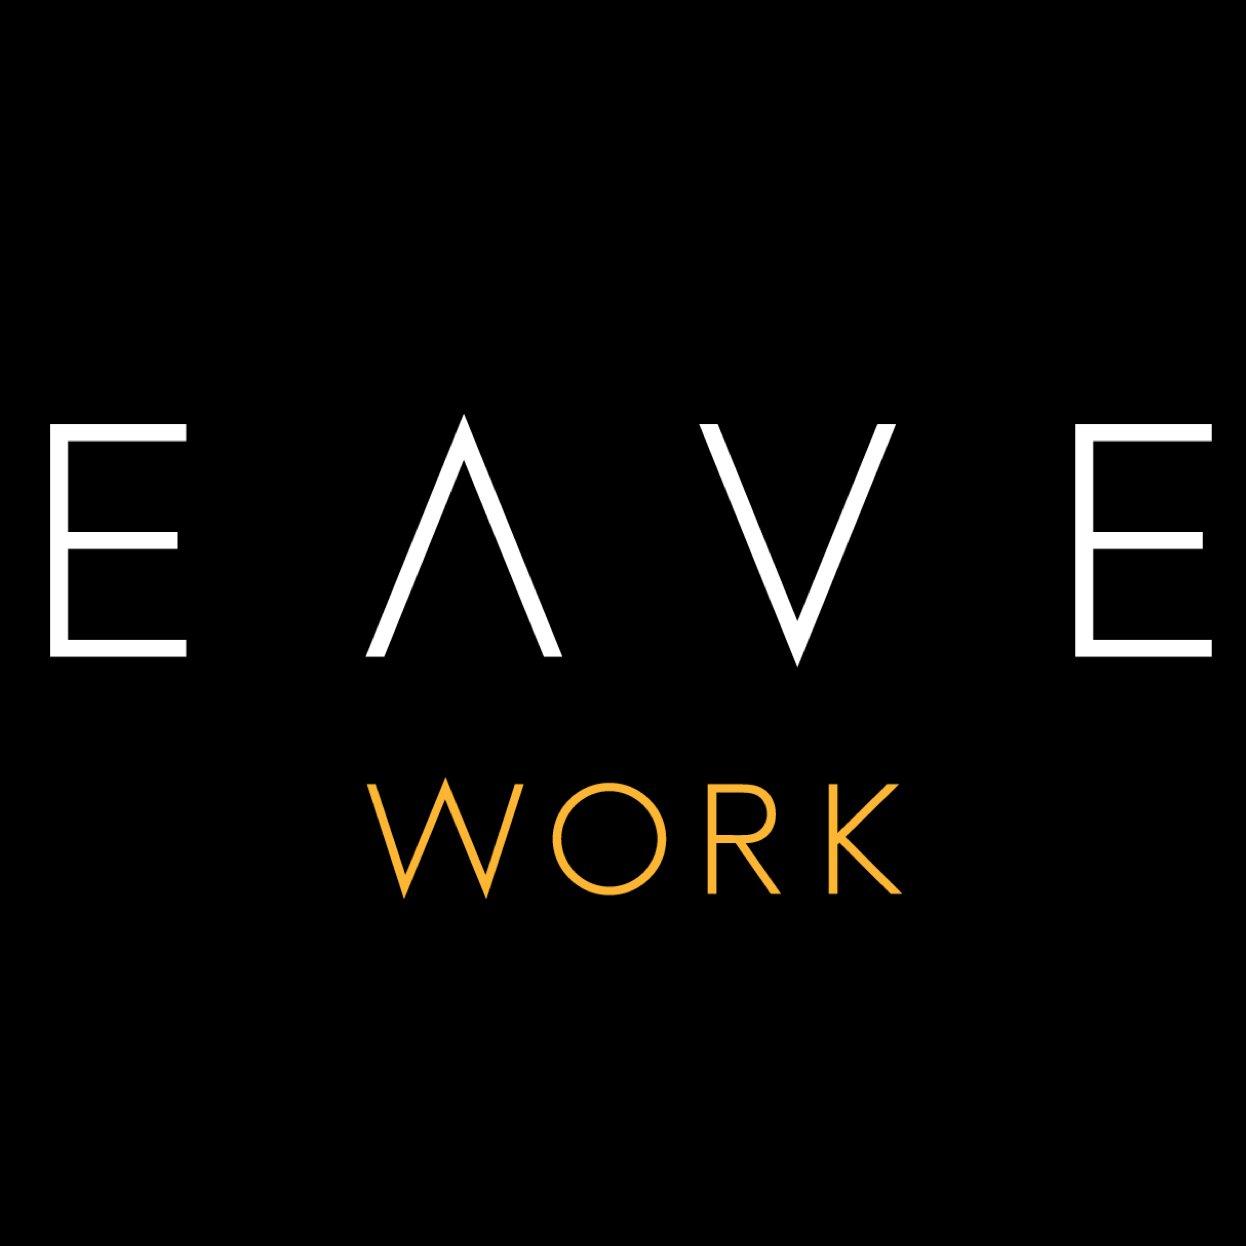 EAVE_logo.jpg